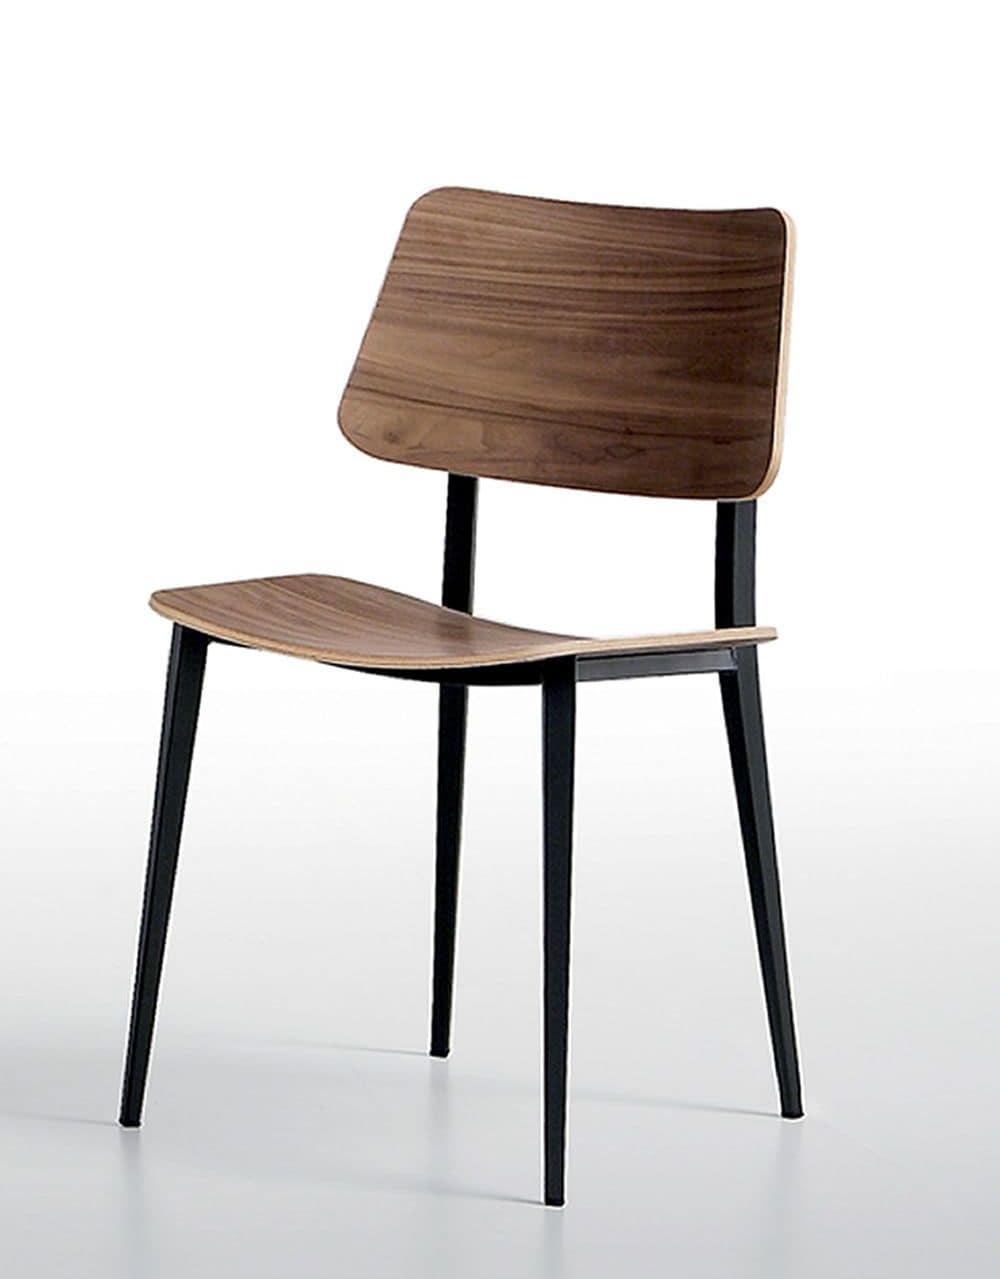 Sedia in metallo e legno per cucine e salotti | IDFdesign